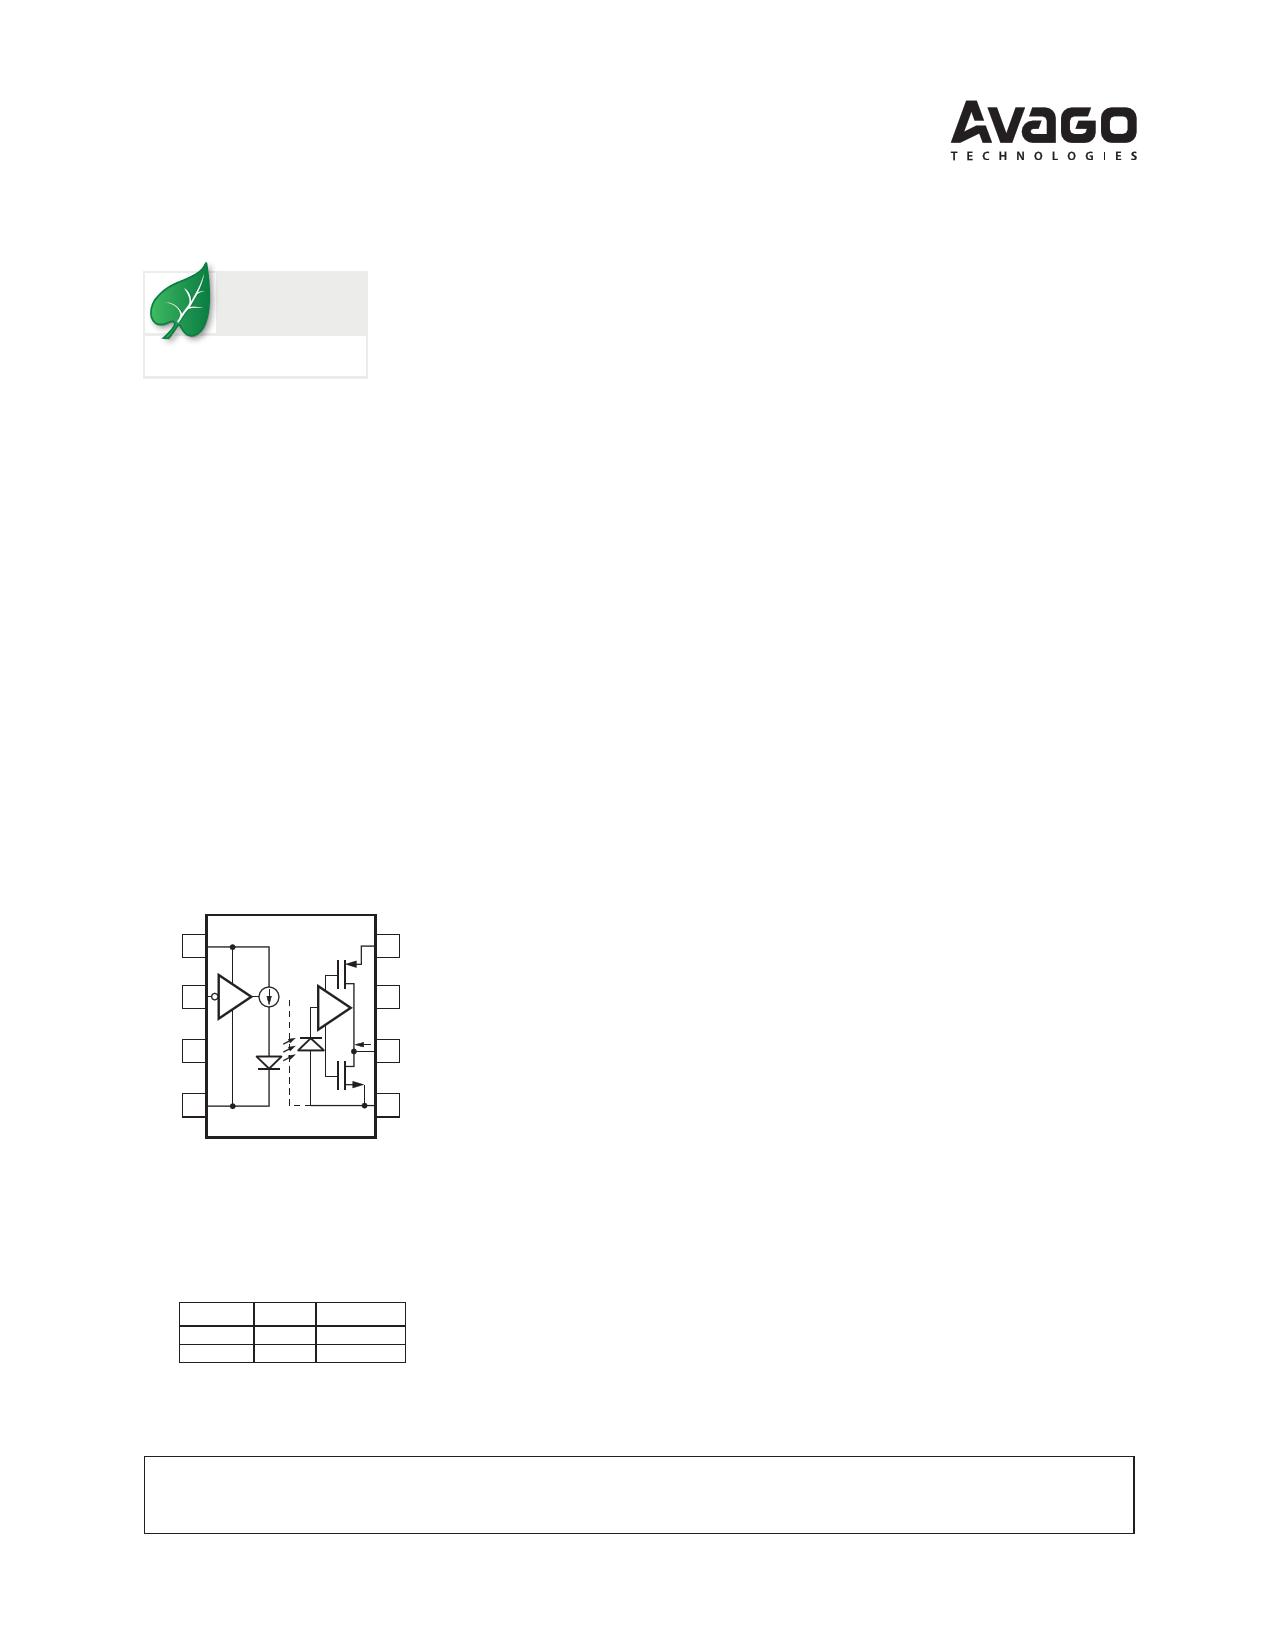 HCPL-7723 Datasheet, HCPL-7723 PDF,ピン配置, 機能